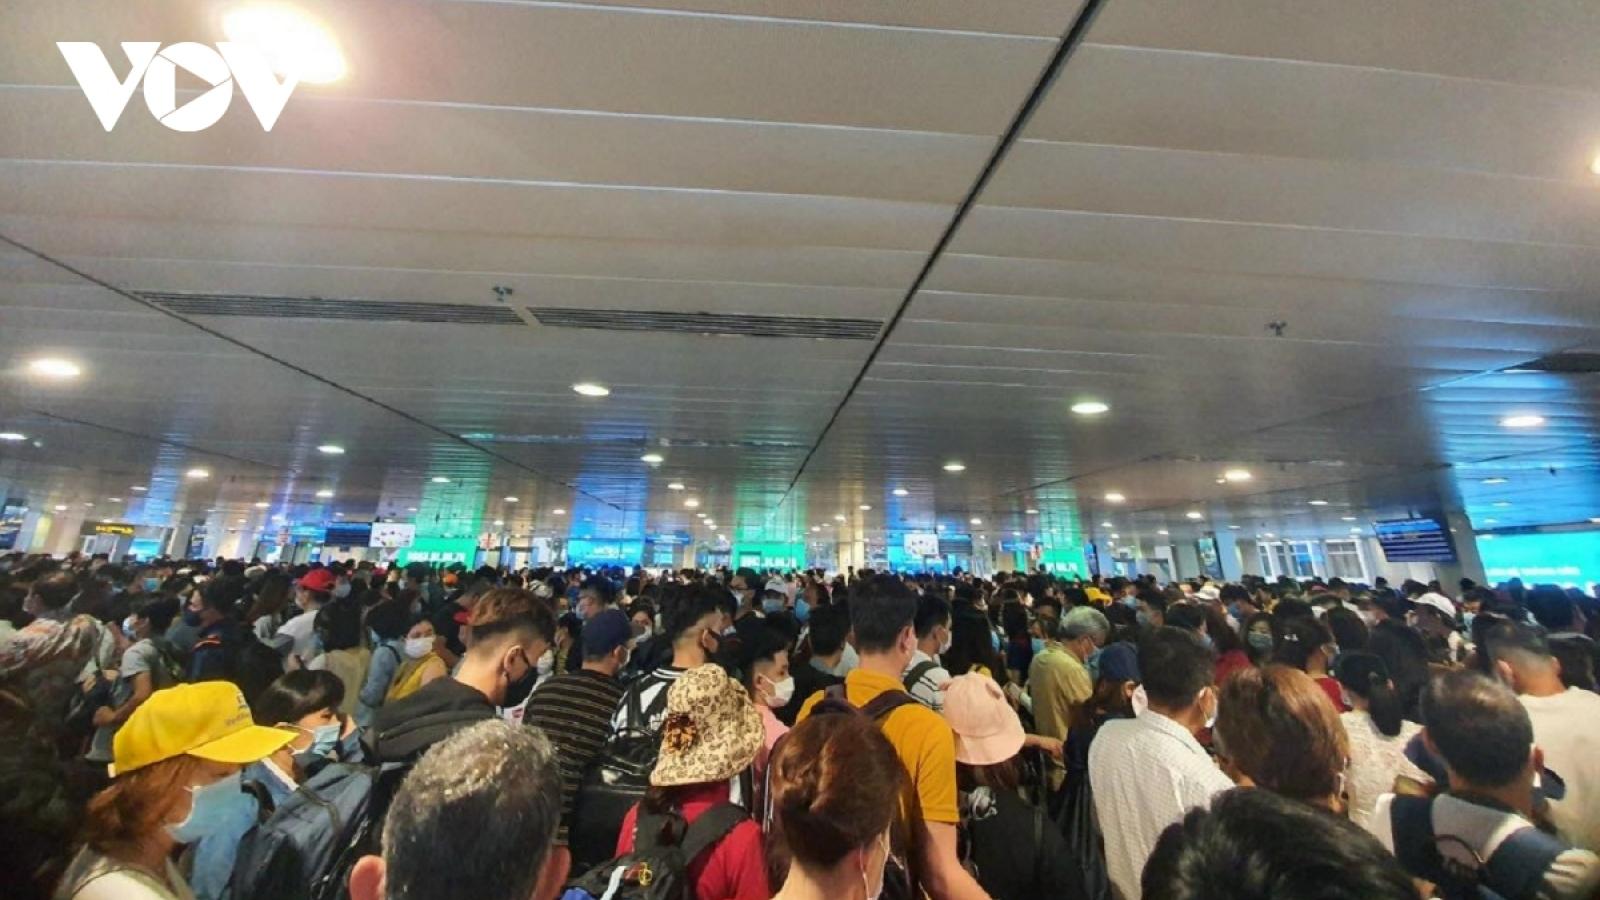 Hạn chế người đón, tiễn tại sân bay Nội Bài, Tân Sơn Nhất để tránh ùn tắc